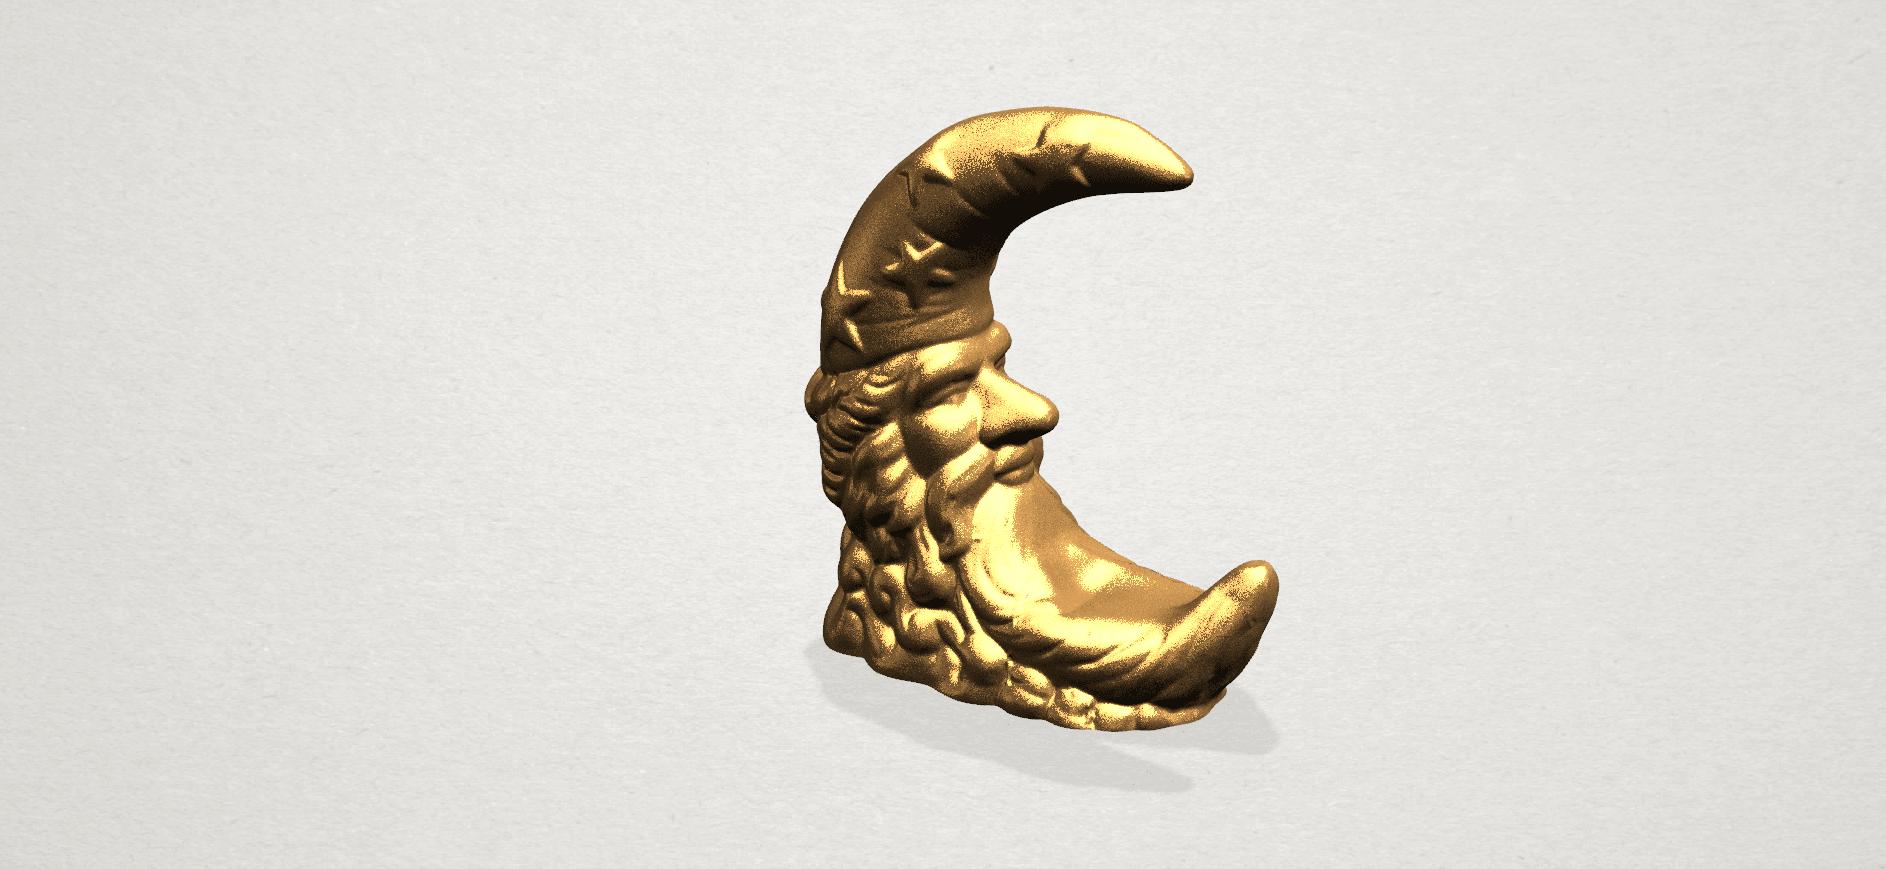 Moon - B02.png Télécharger fichier STL gratuit Lune • Design pour impression 3D, GeorgesNikkei